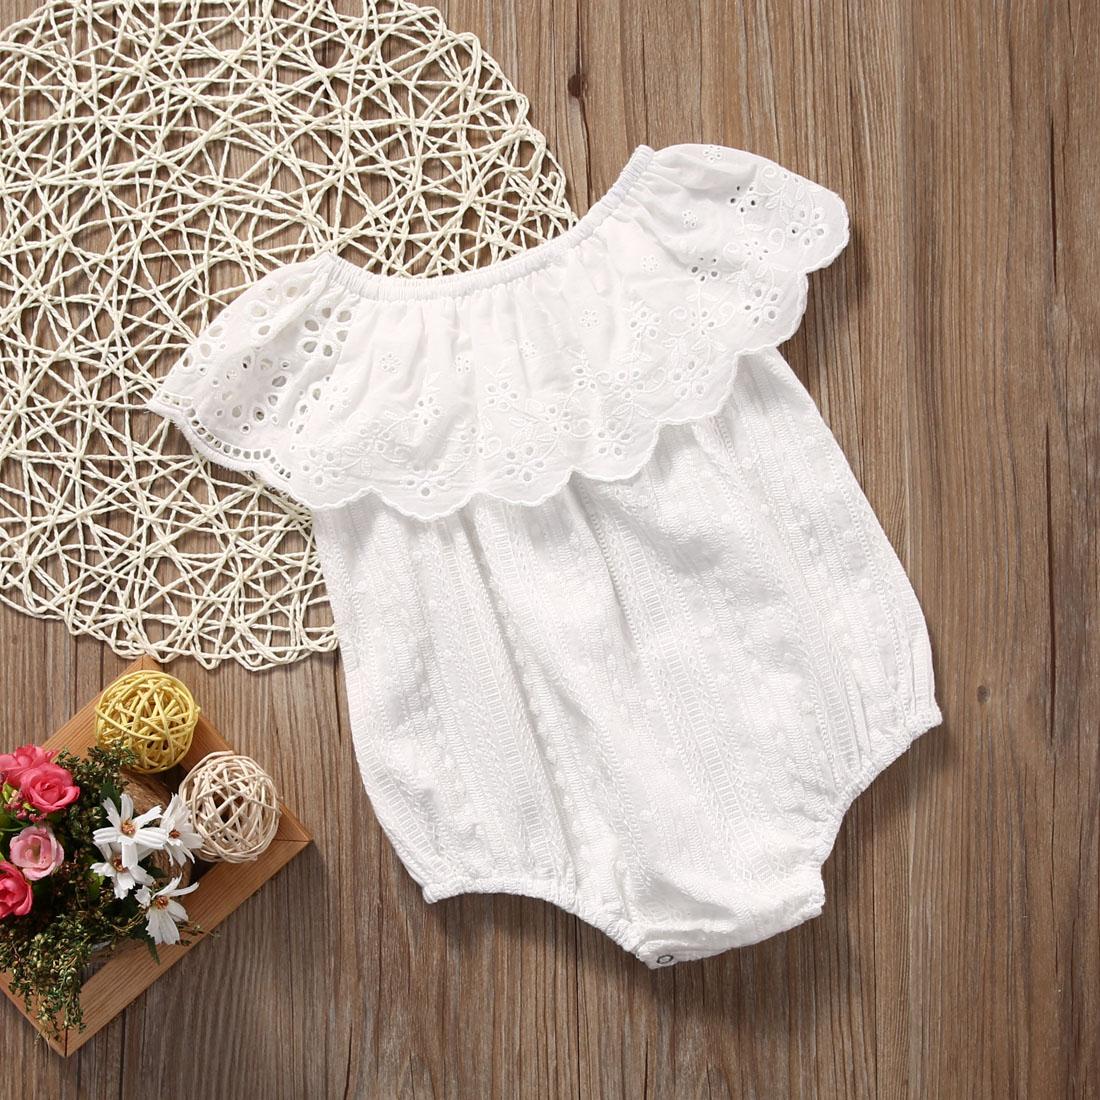 Del Bambino Del Bambino Della Ragazza Di Fiore Del Cotone Della Tuta Della Tuta Infantile Vestiti Vestito Prendisole Elegante Nell'Odore